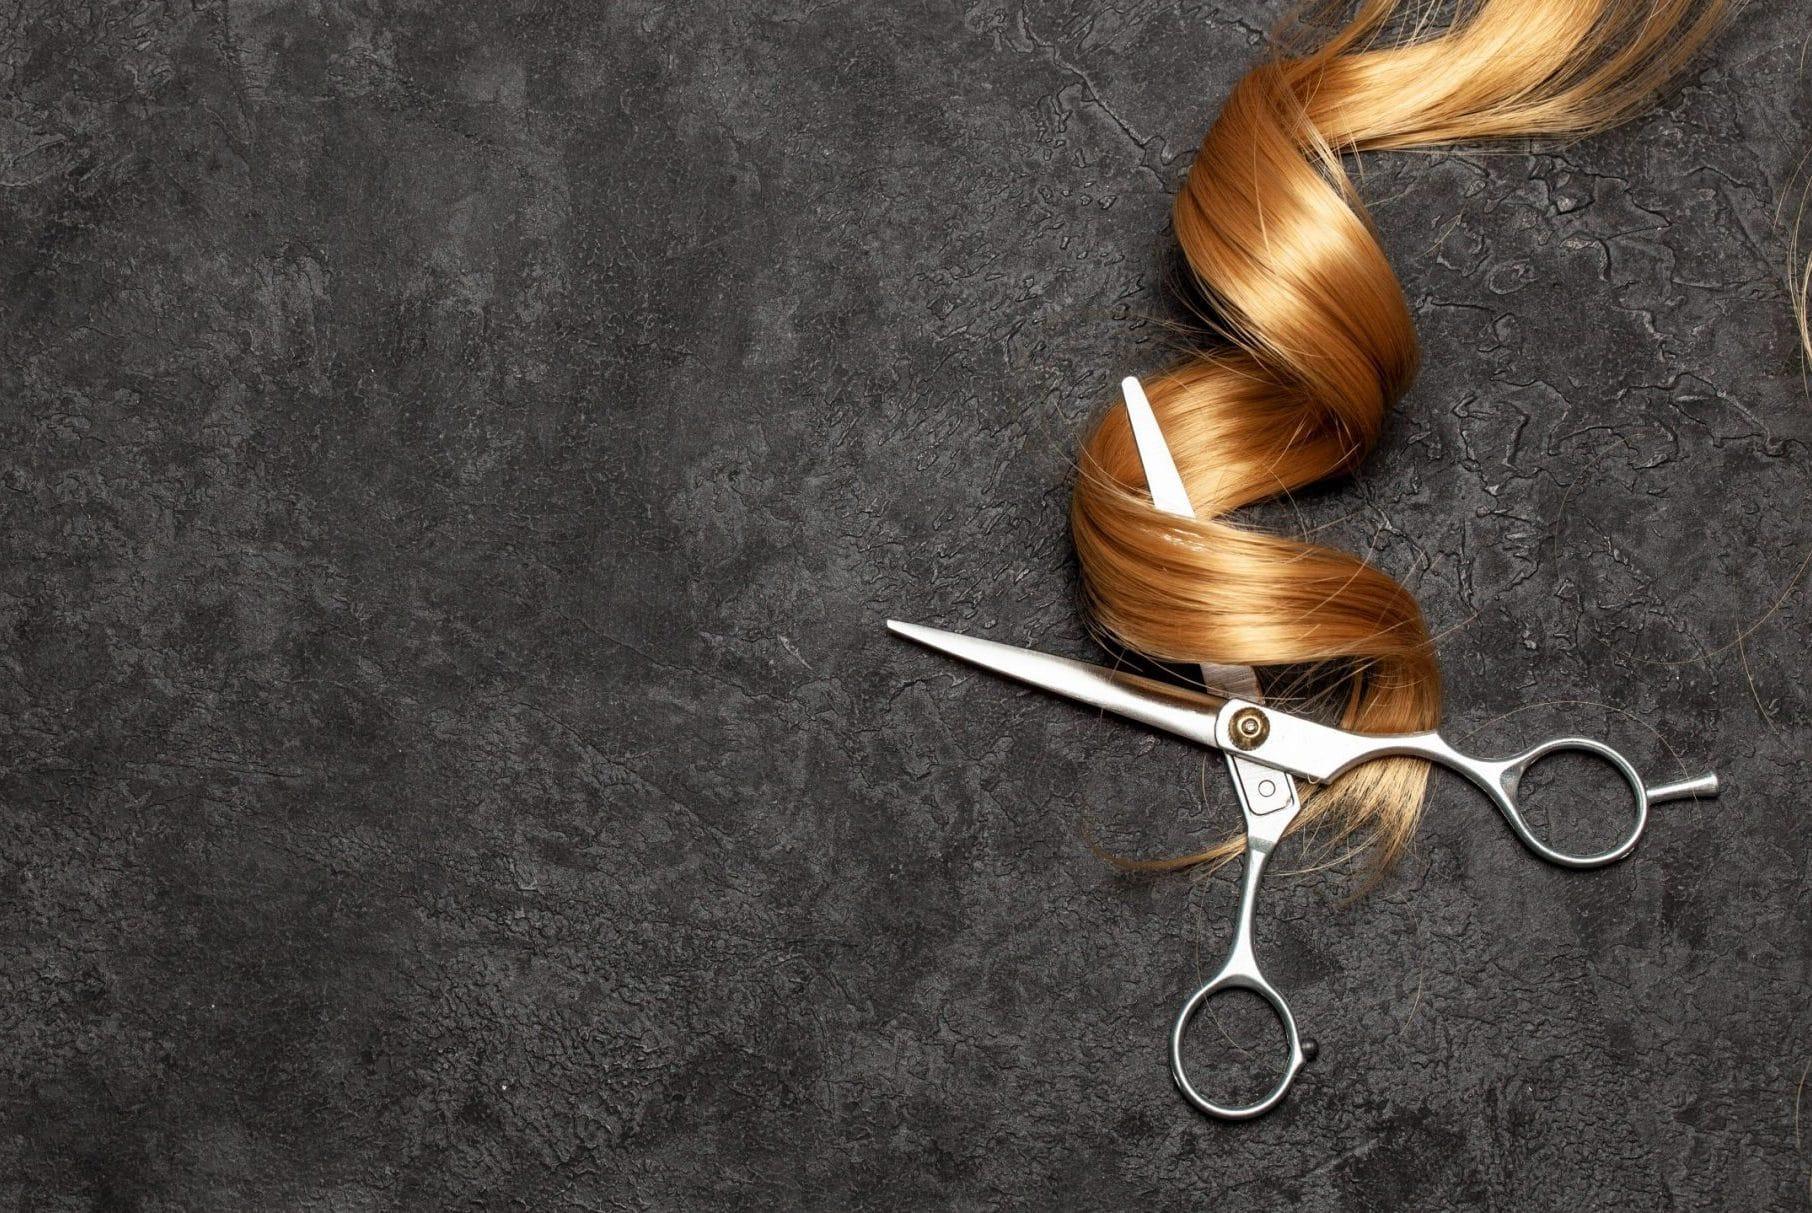 Corona-Krise: Haare selber schneiden